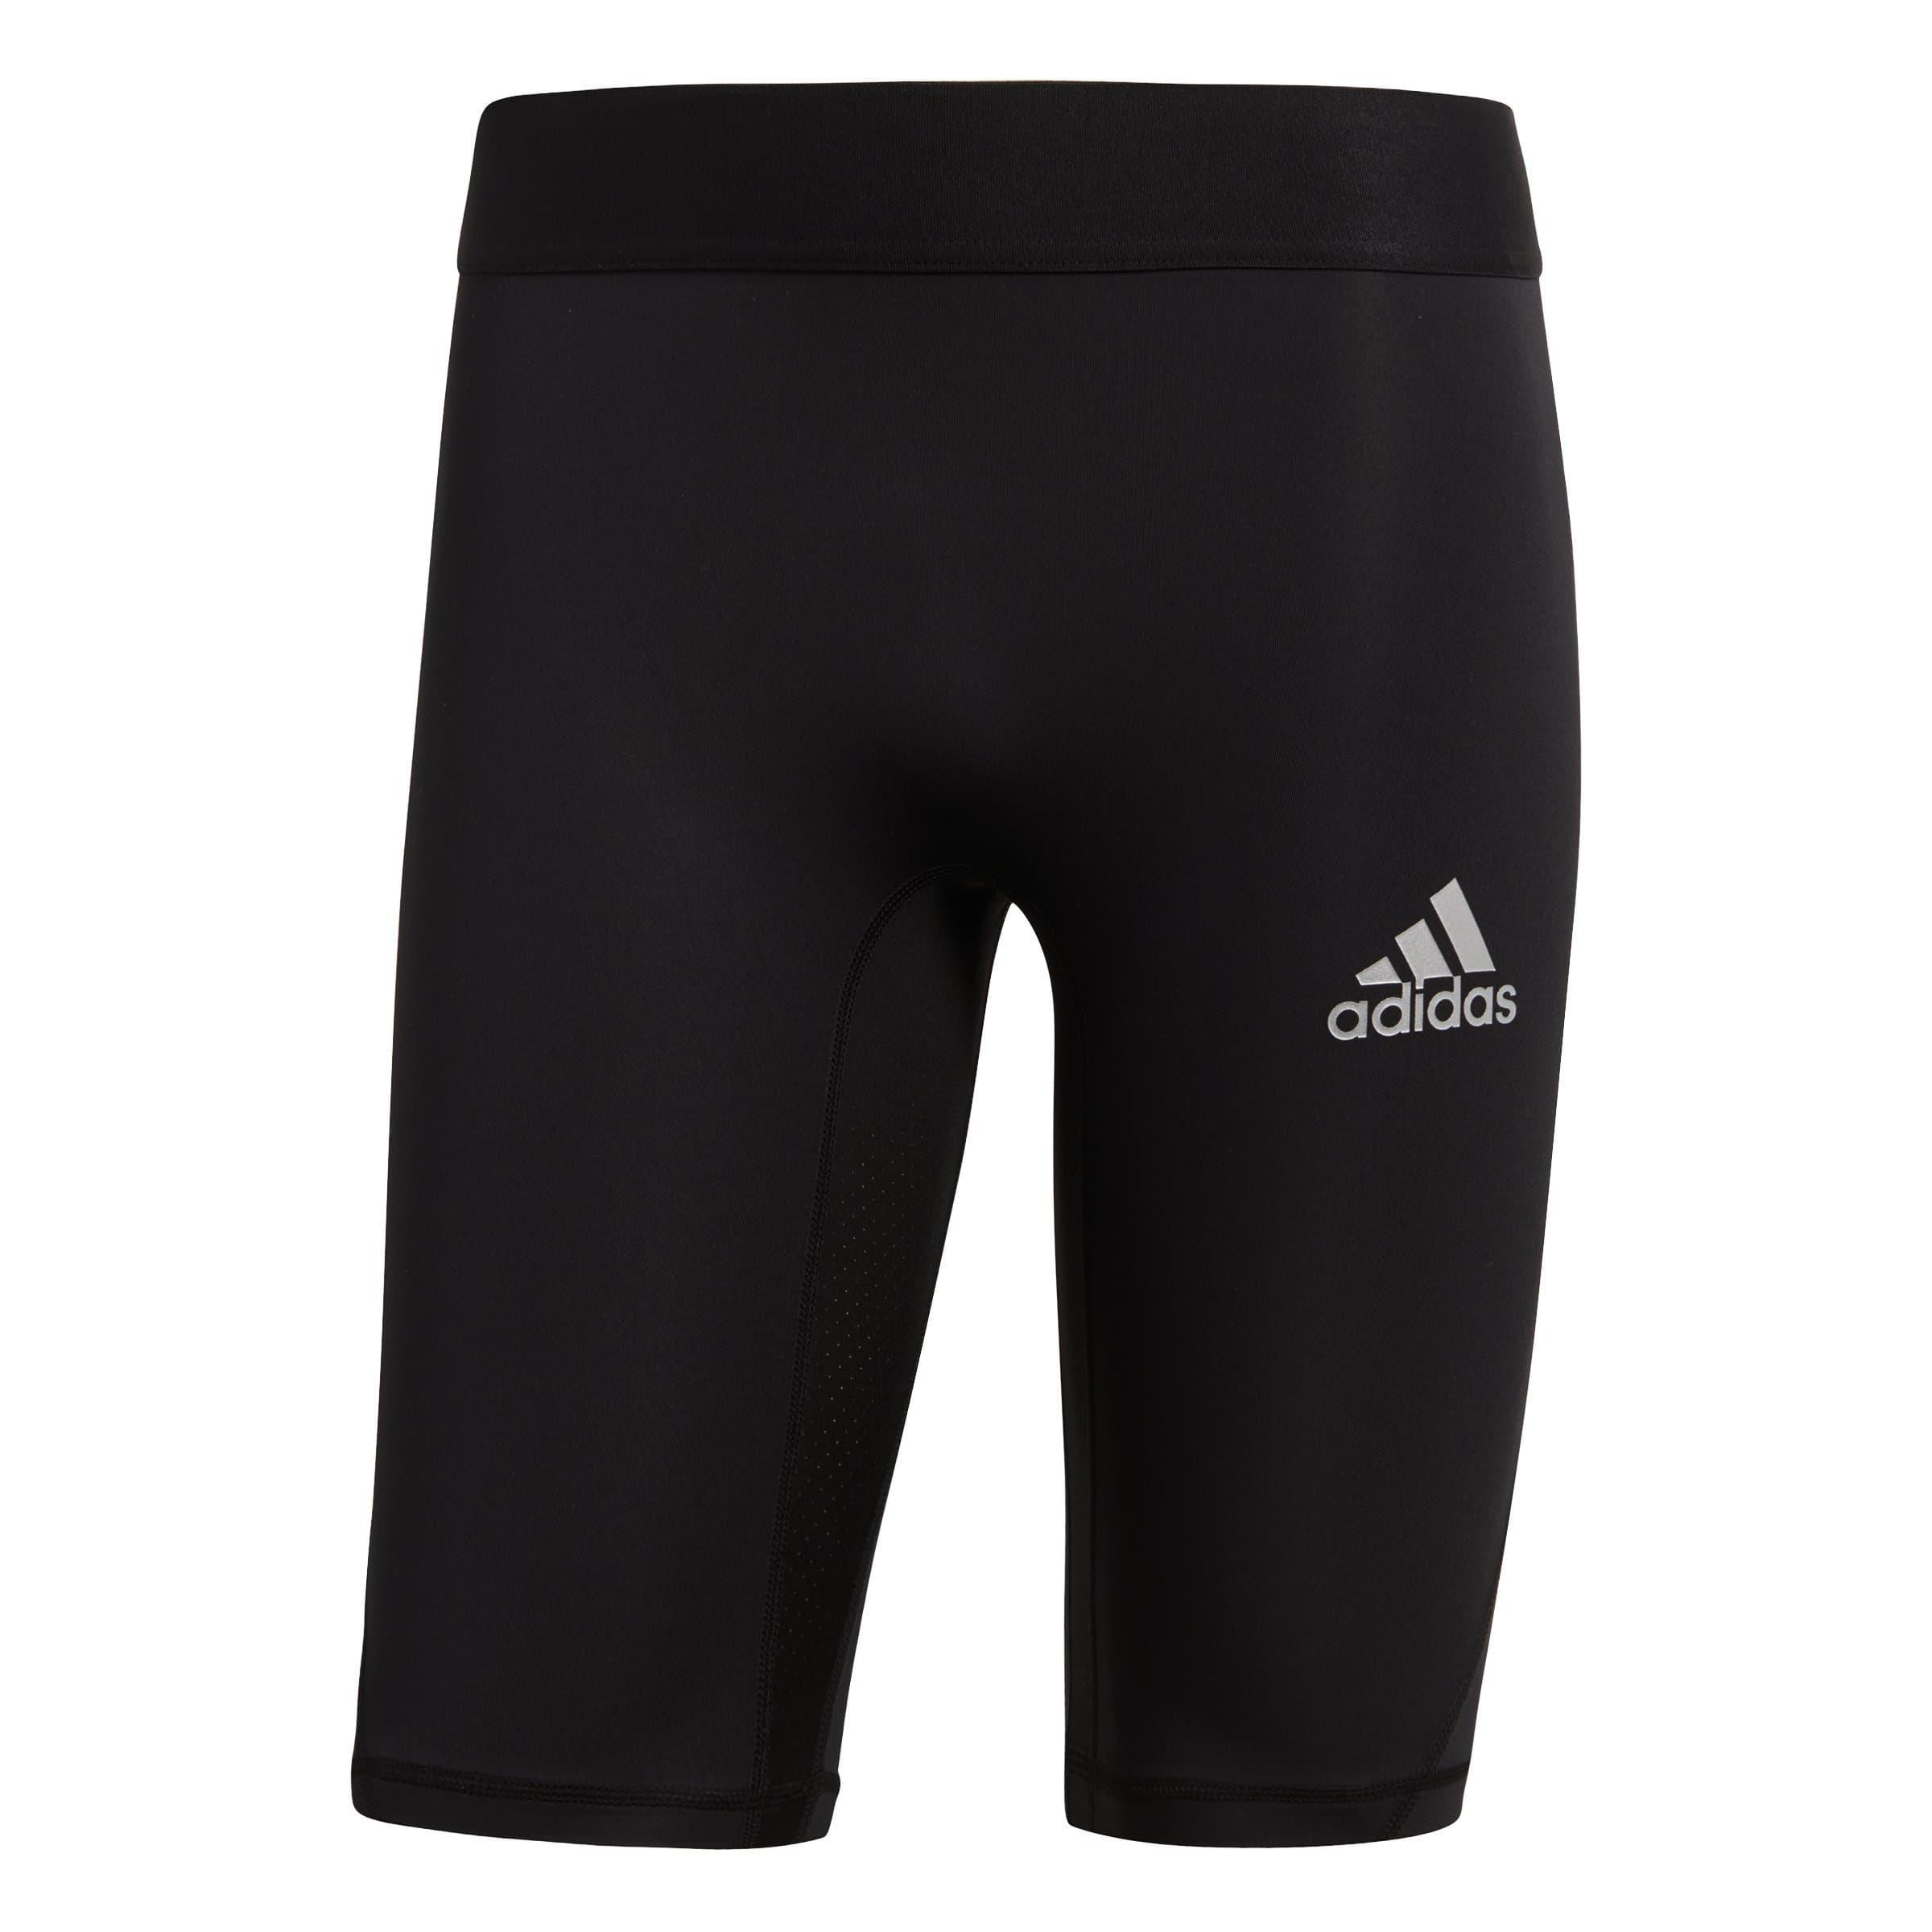 Adidas Ask Sport Short Tight Leggins corti da uomo